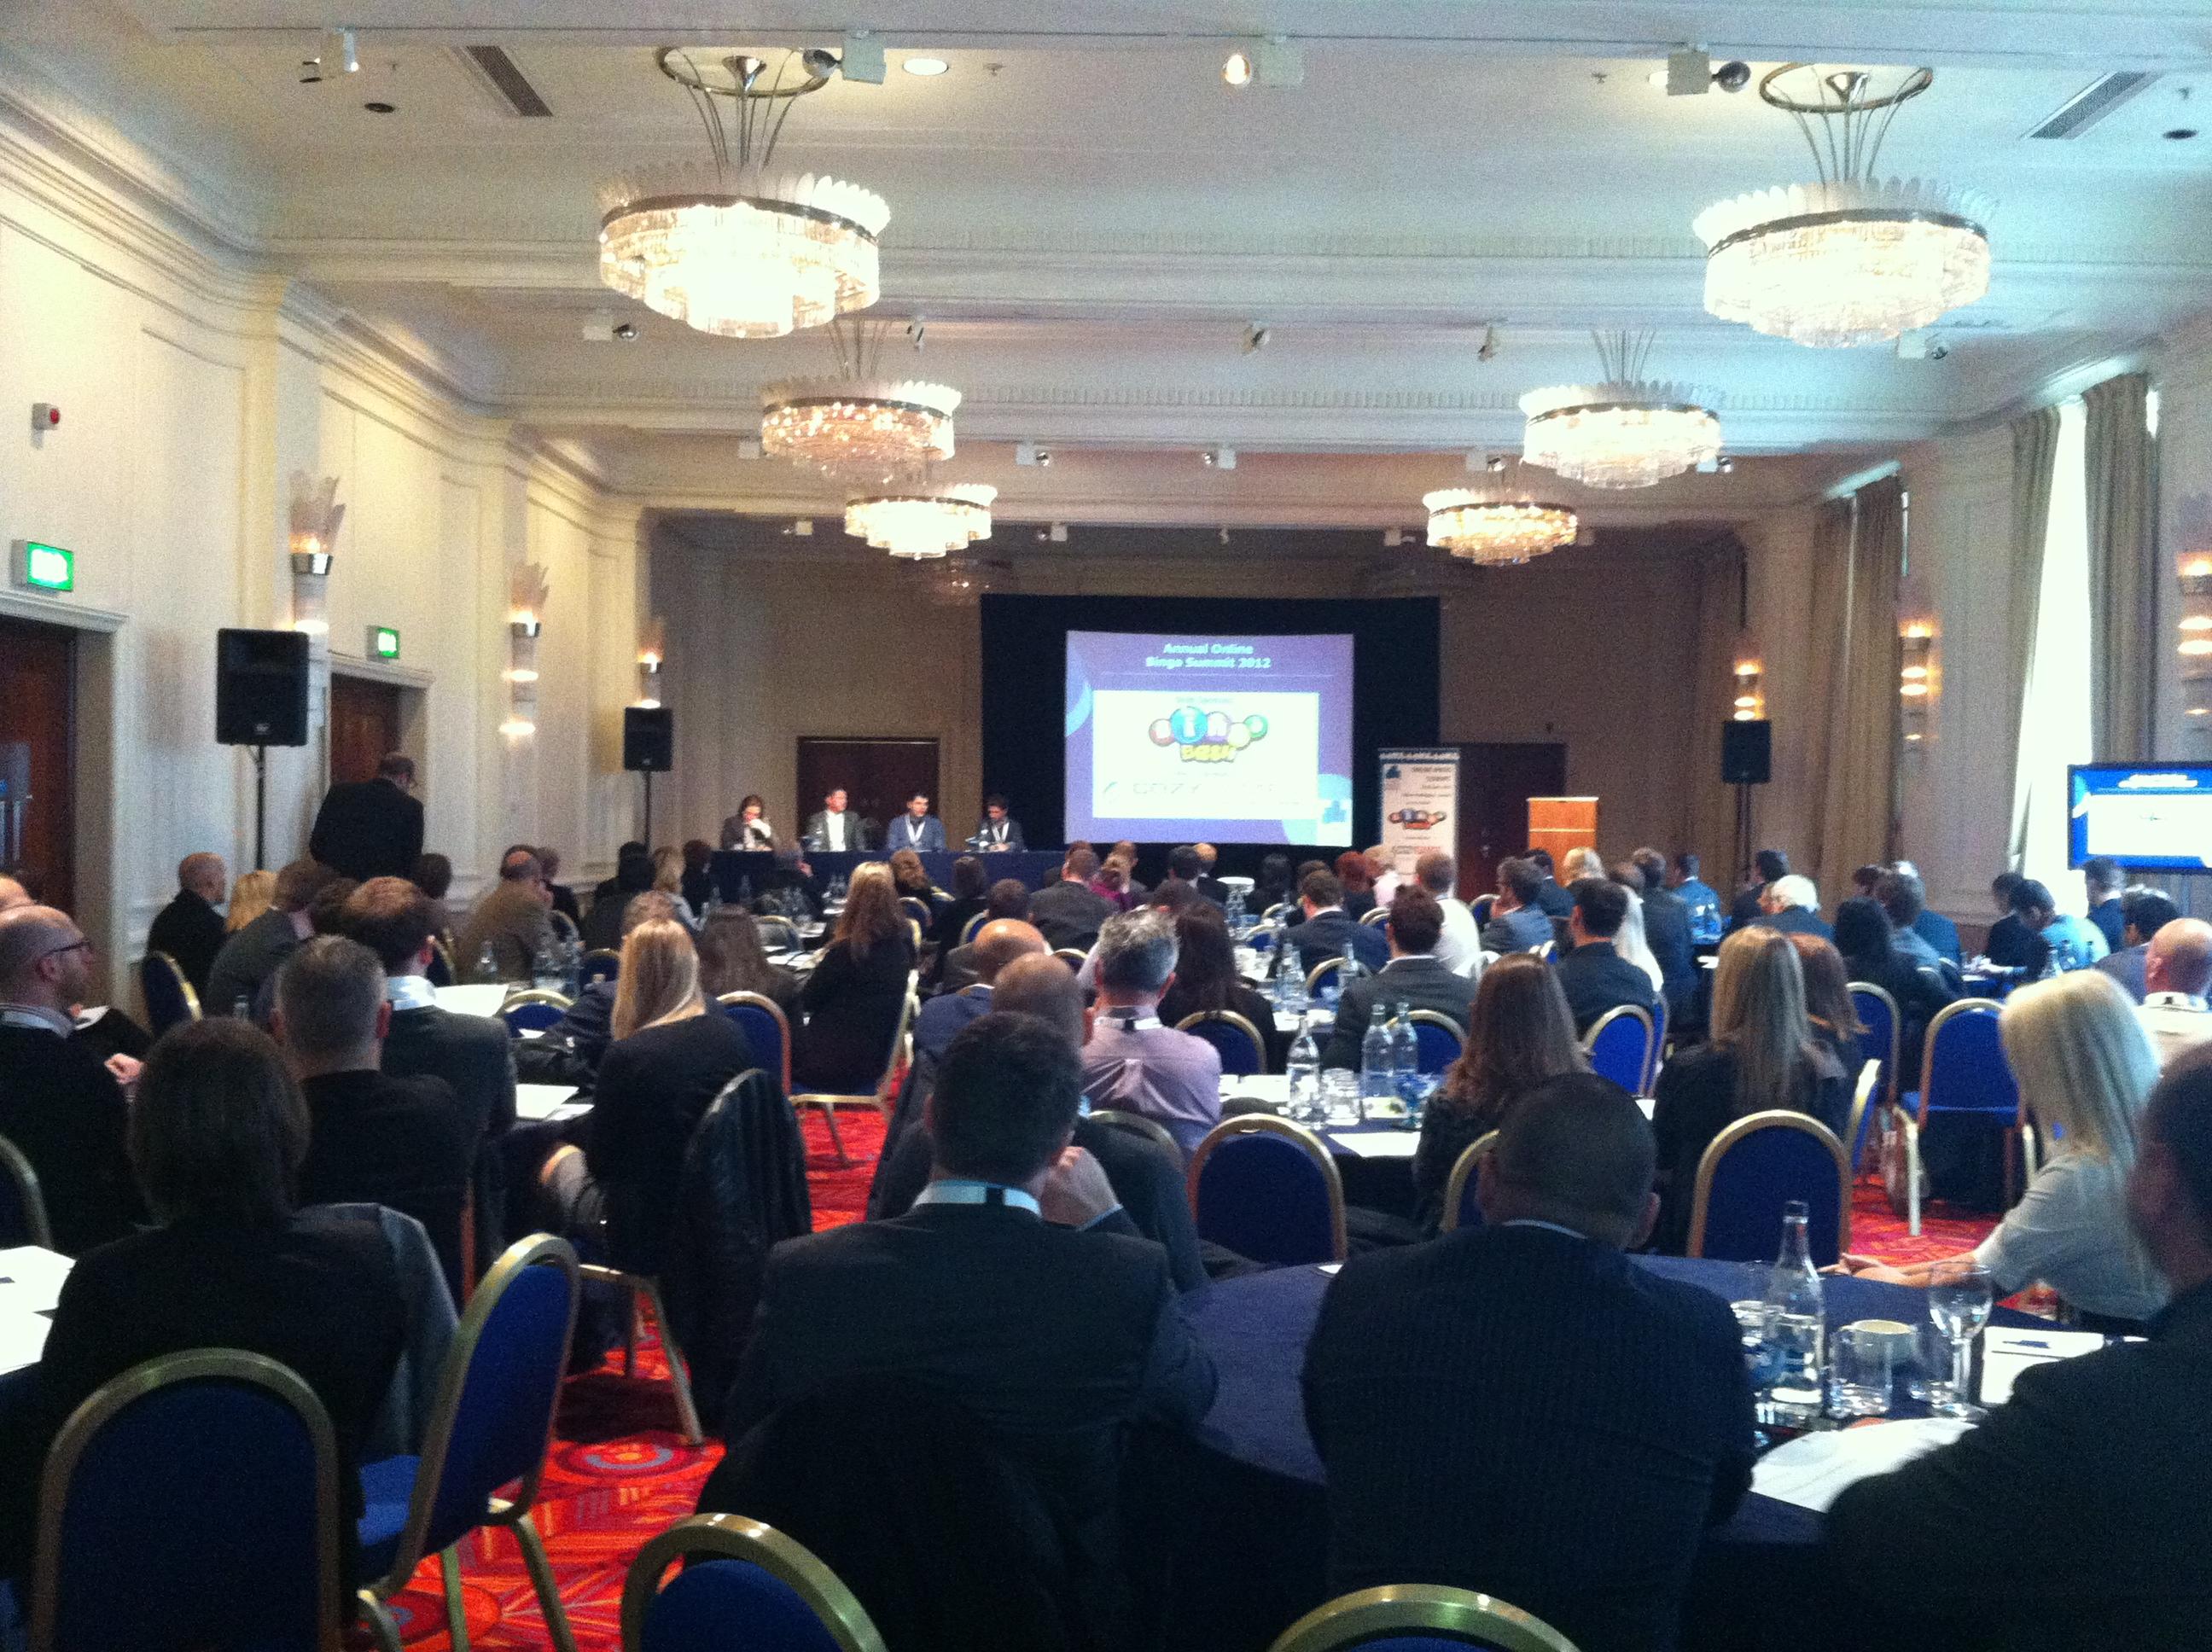 Online Bingo Summit 2012 Recap